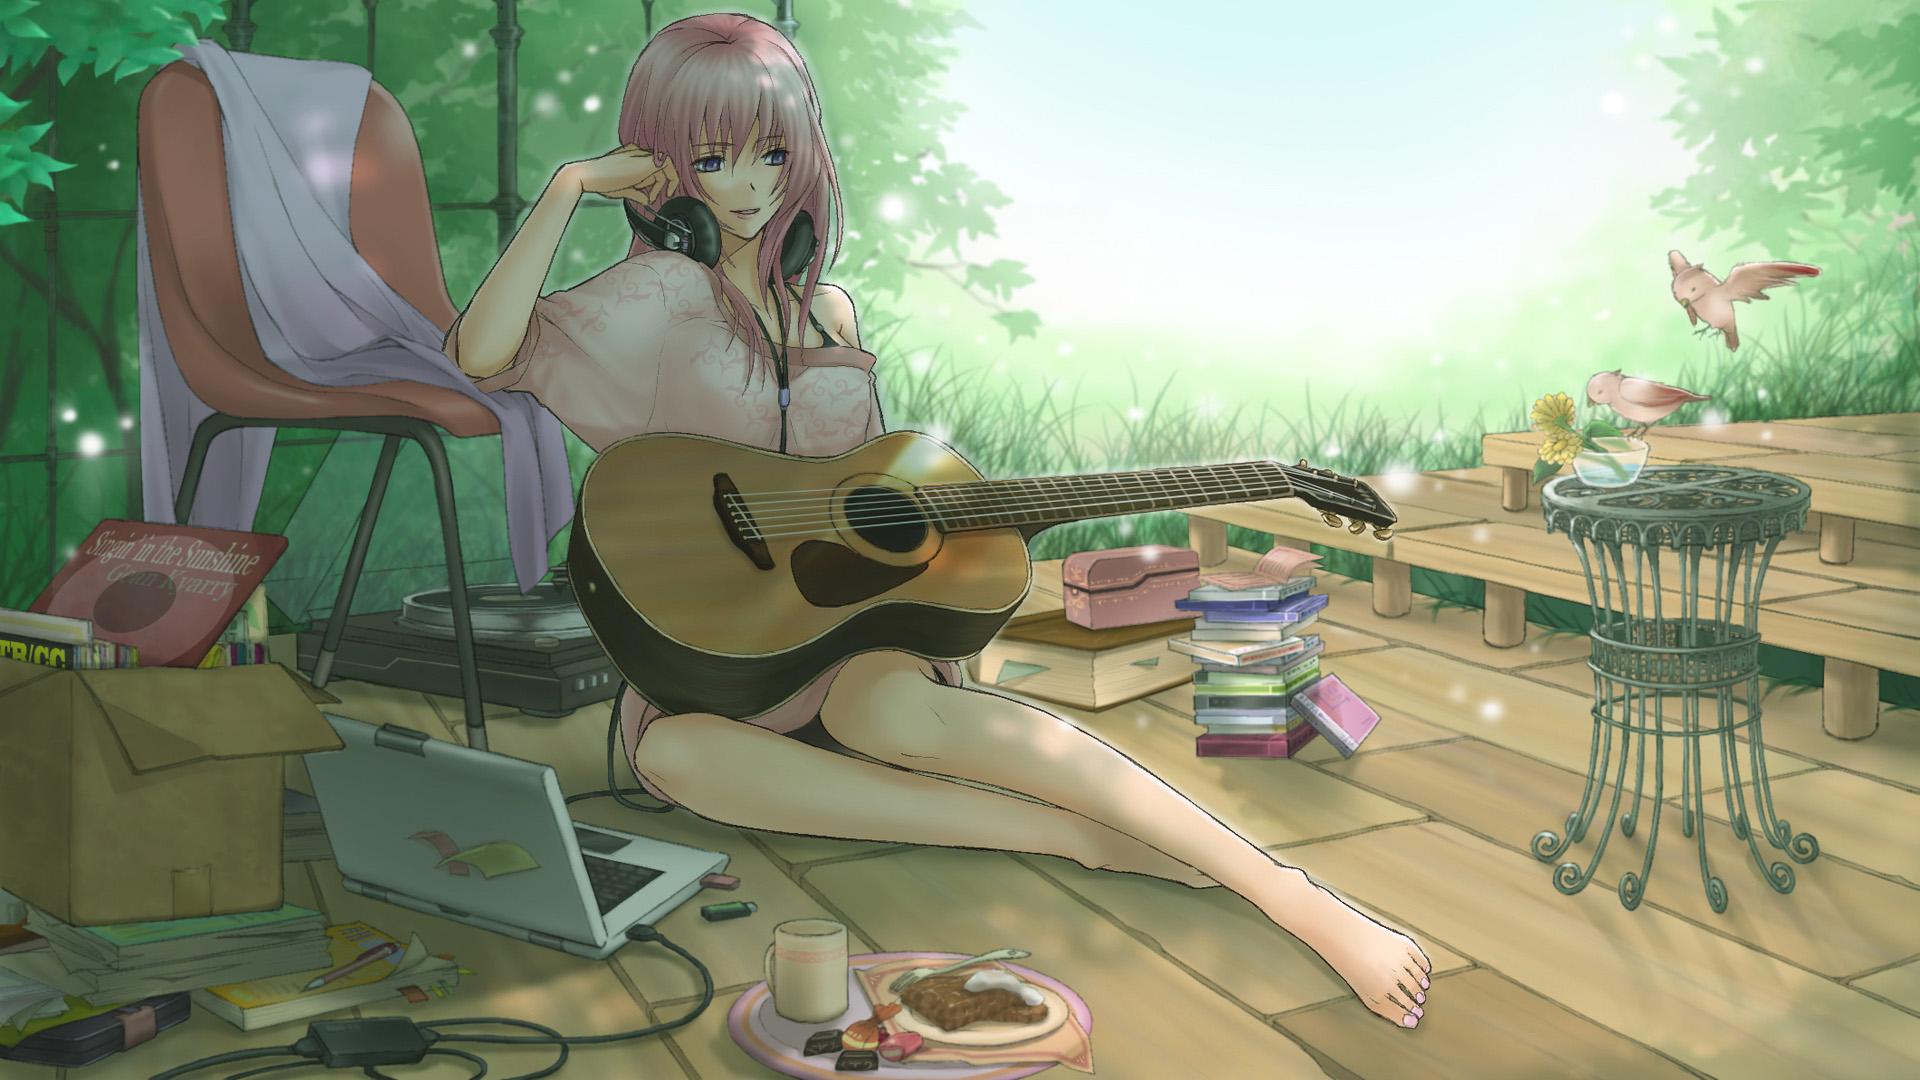 爱音乐的动漫吉他美女唯美图片桌面壁纸高清下载 第一辑